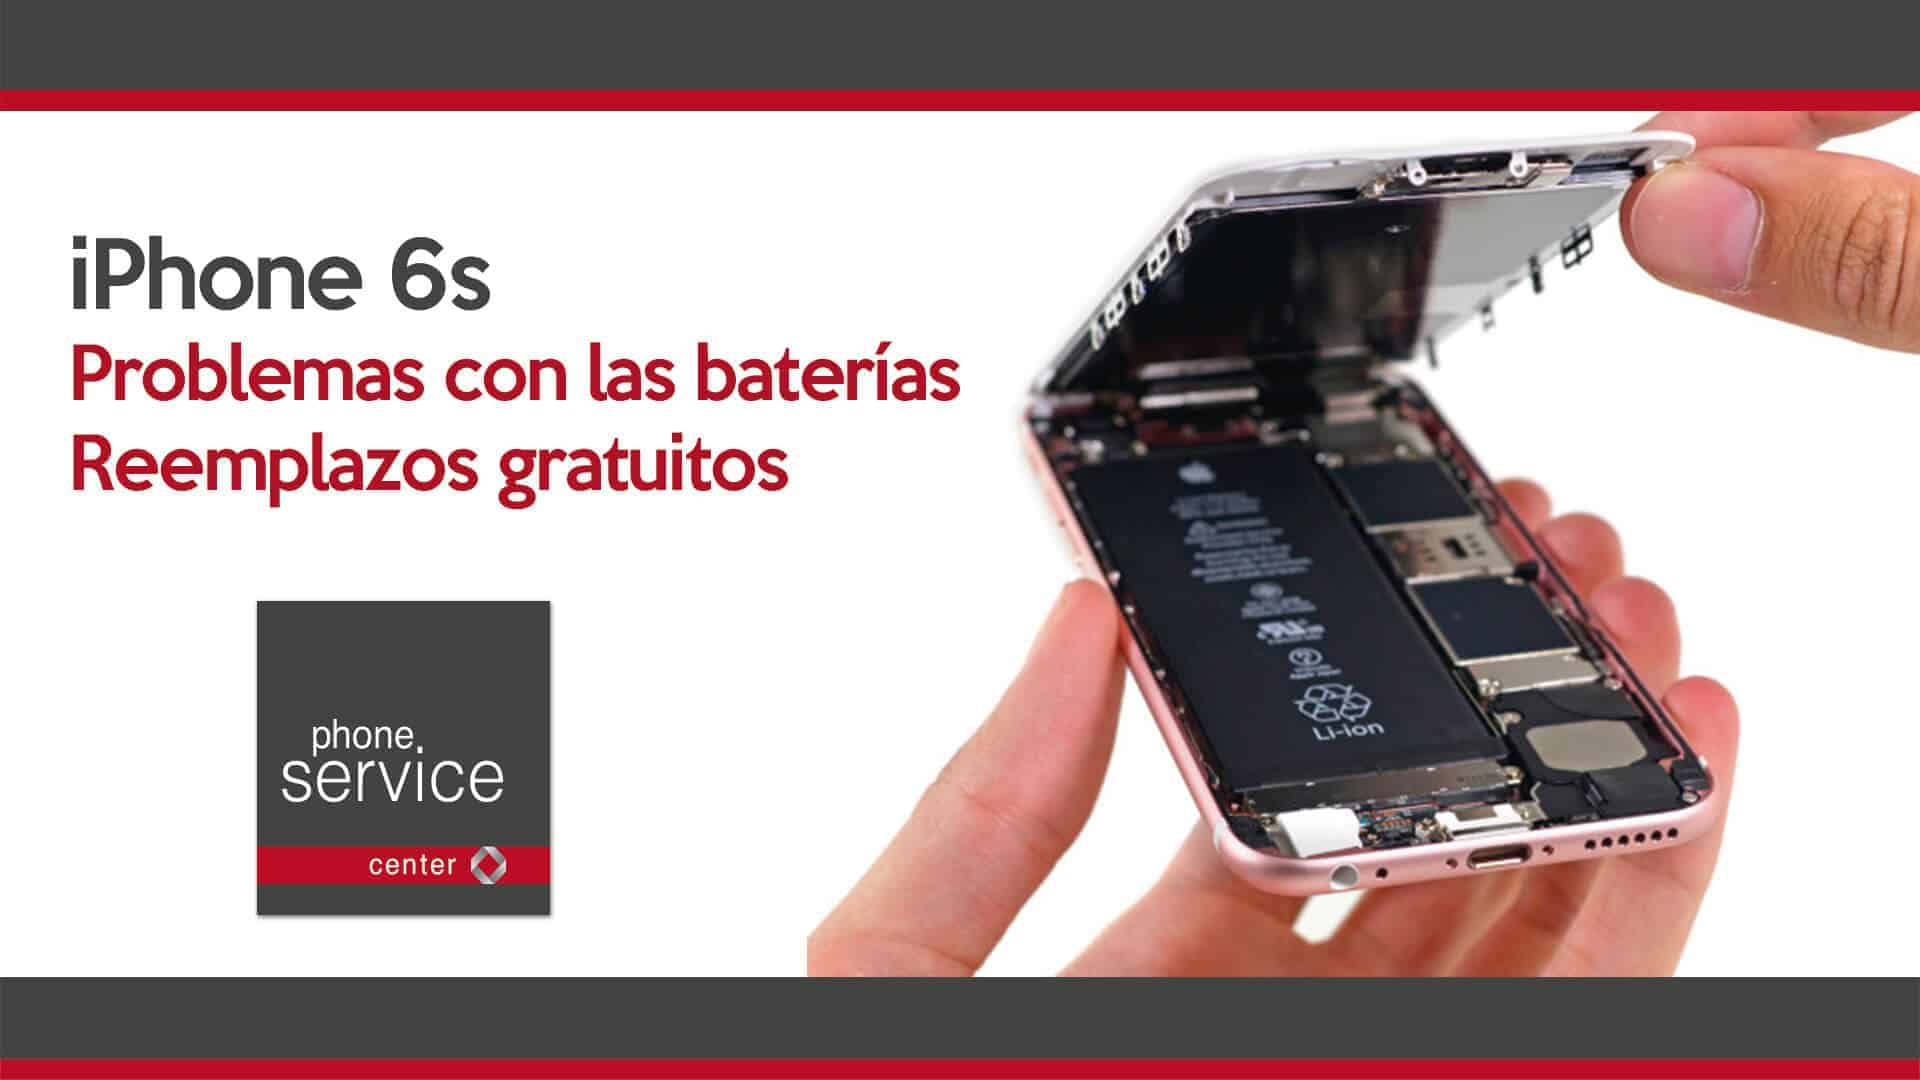 Apple problemas con baterias del iPhone 6s